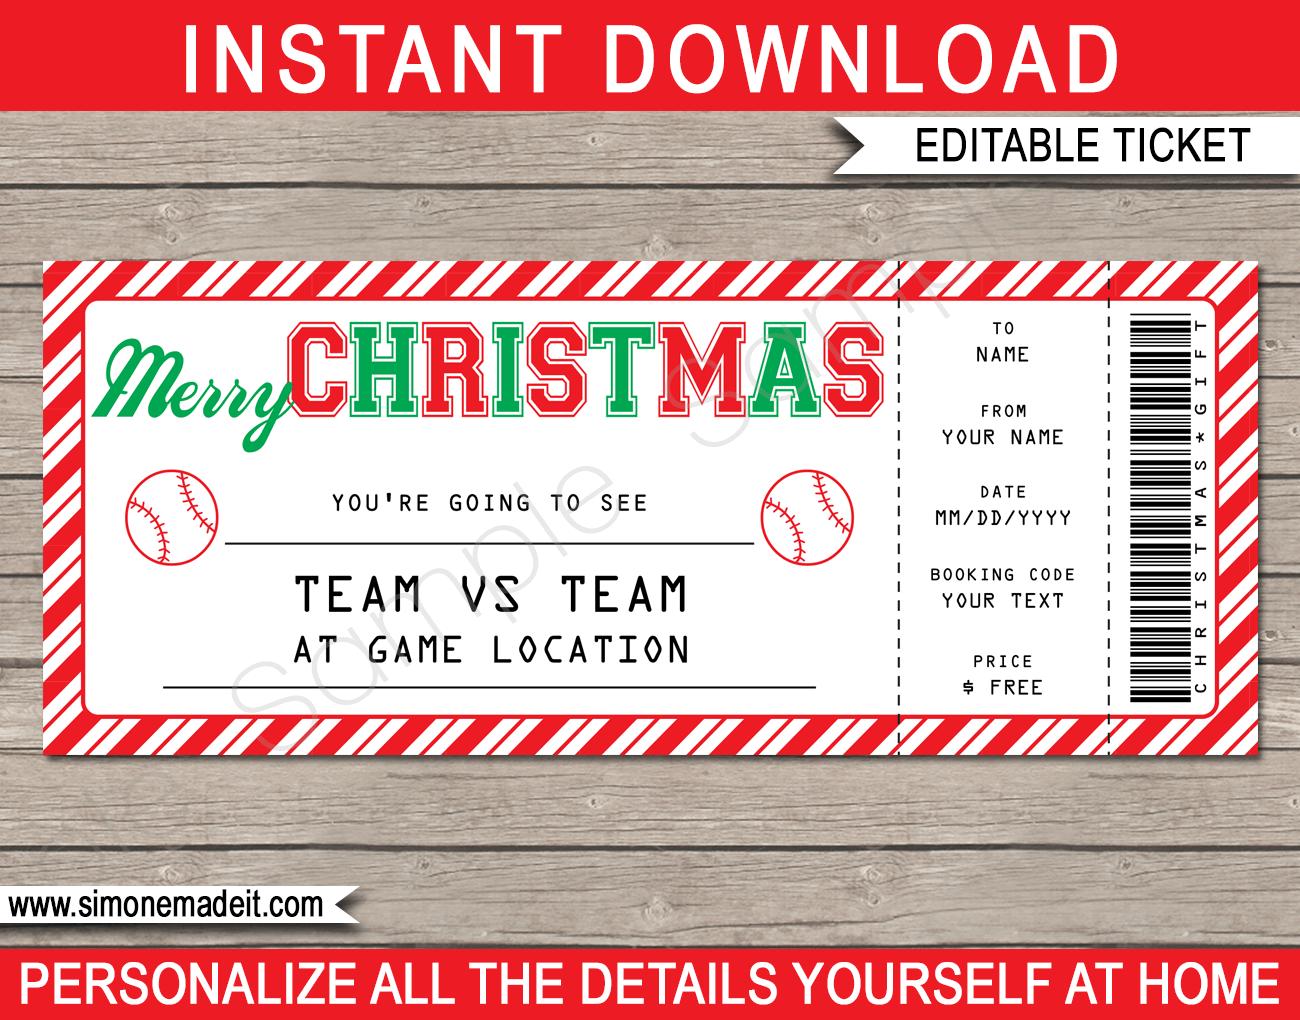 Christmas Baseball Ticket Gift Voucher Printable Baseball Ticket Template Baseball Ticket Gift Gift Labels Christmas Gift Certificate Template